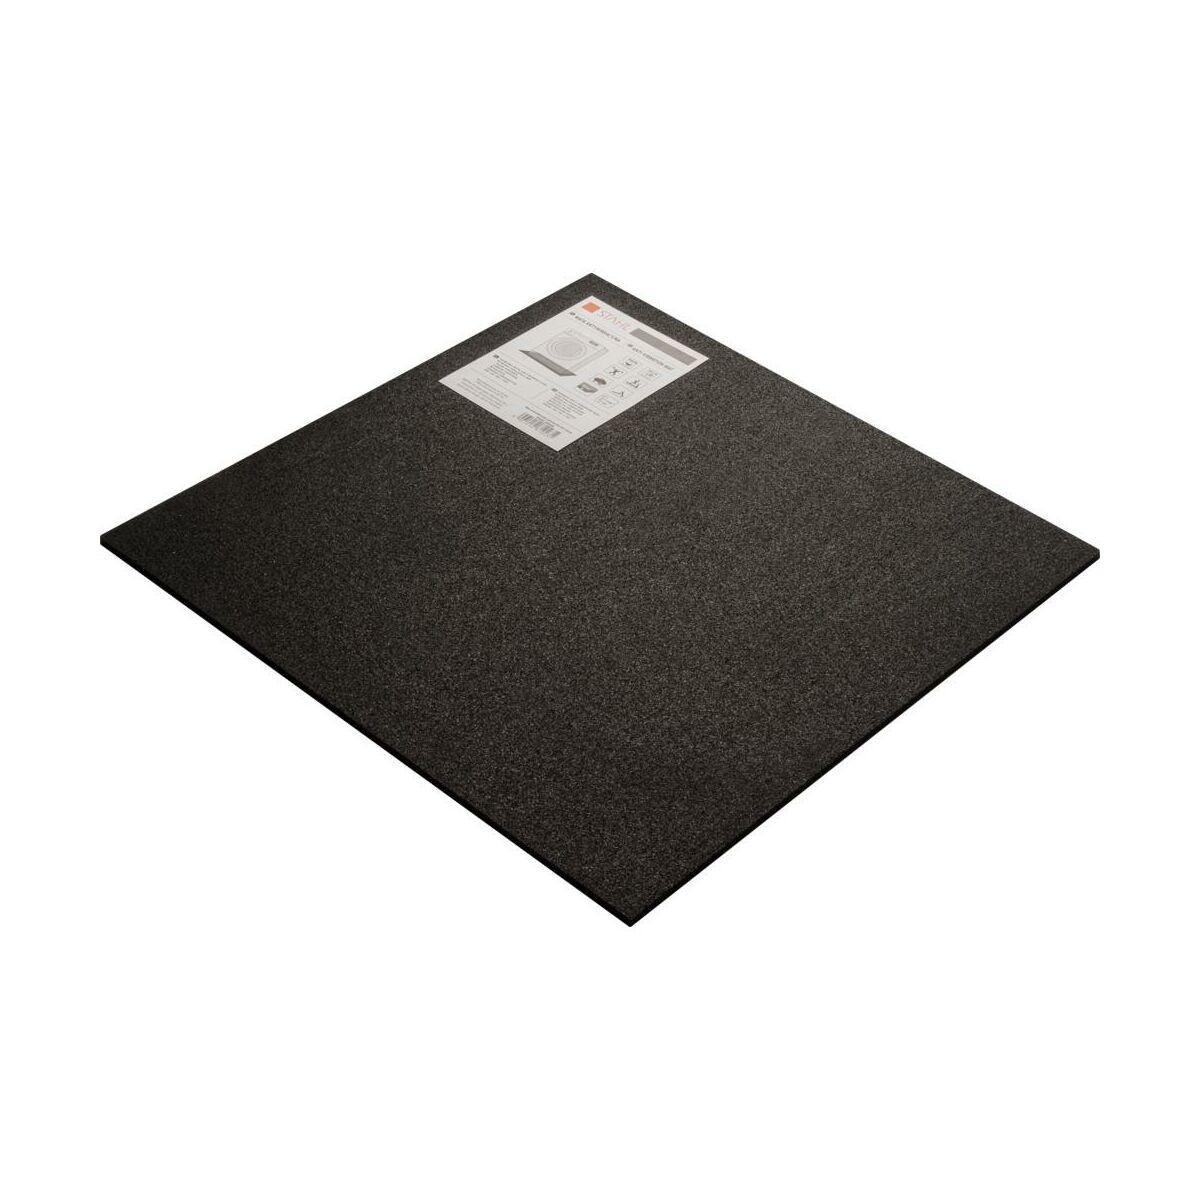 Plyta Antywibracyjna 60 X 60 Cm Stahl Podkladki Filcowe I Zakonczenia Nog W Atrakcyjnej Cenie W Sklepach Leroy Merlin